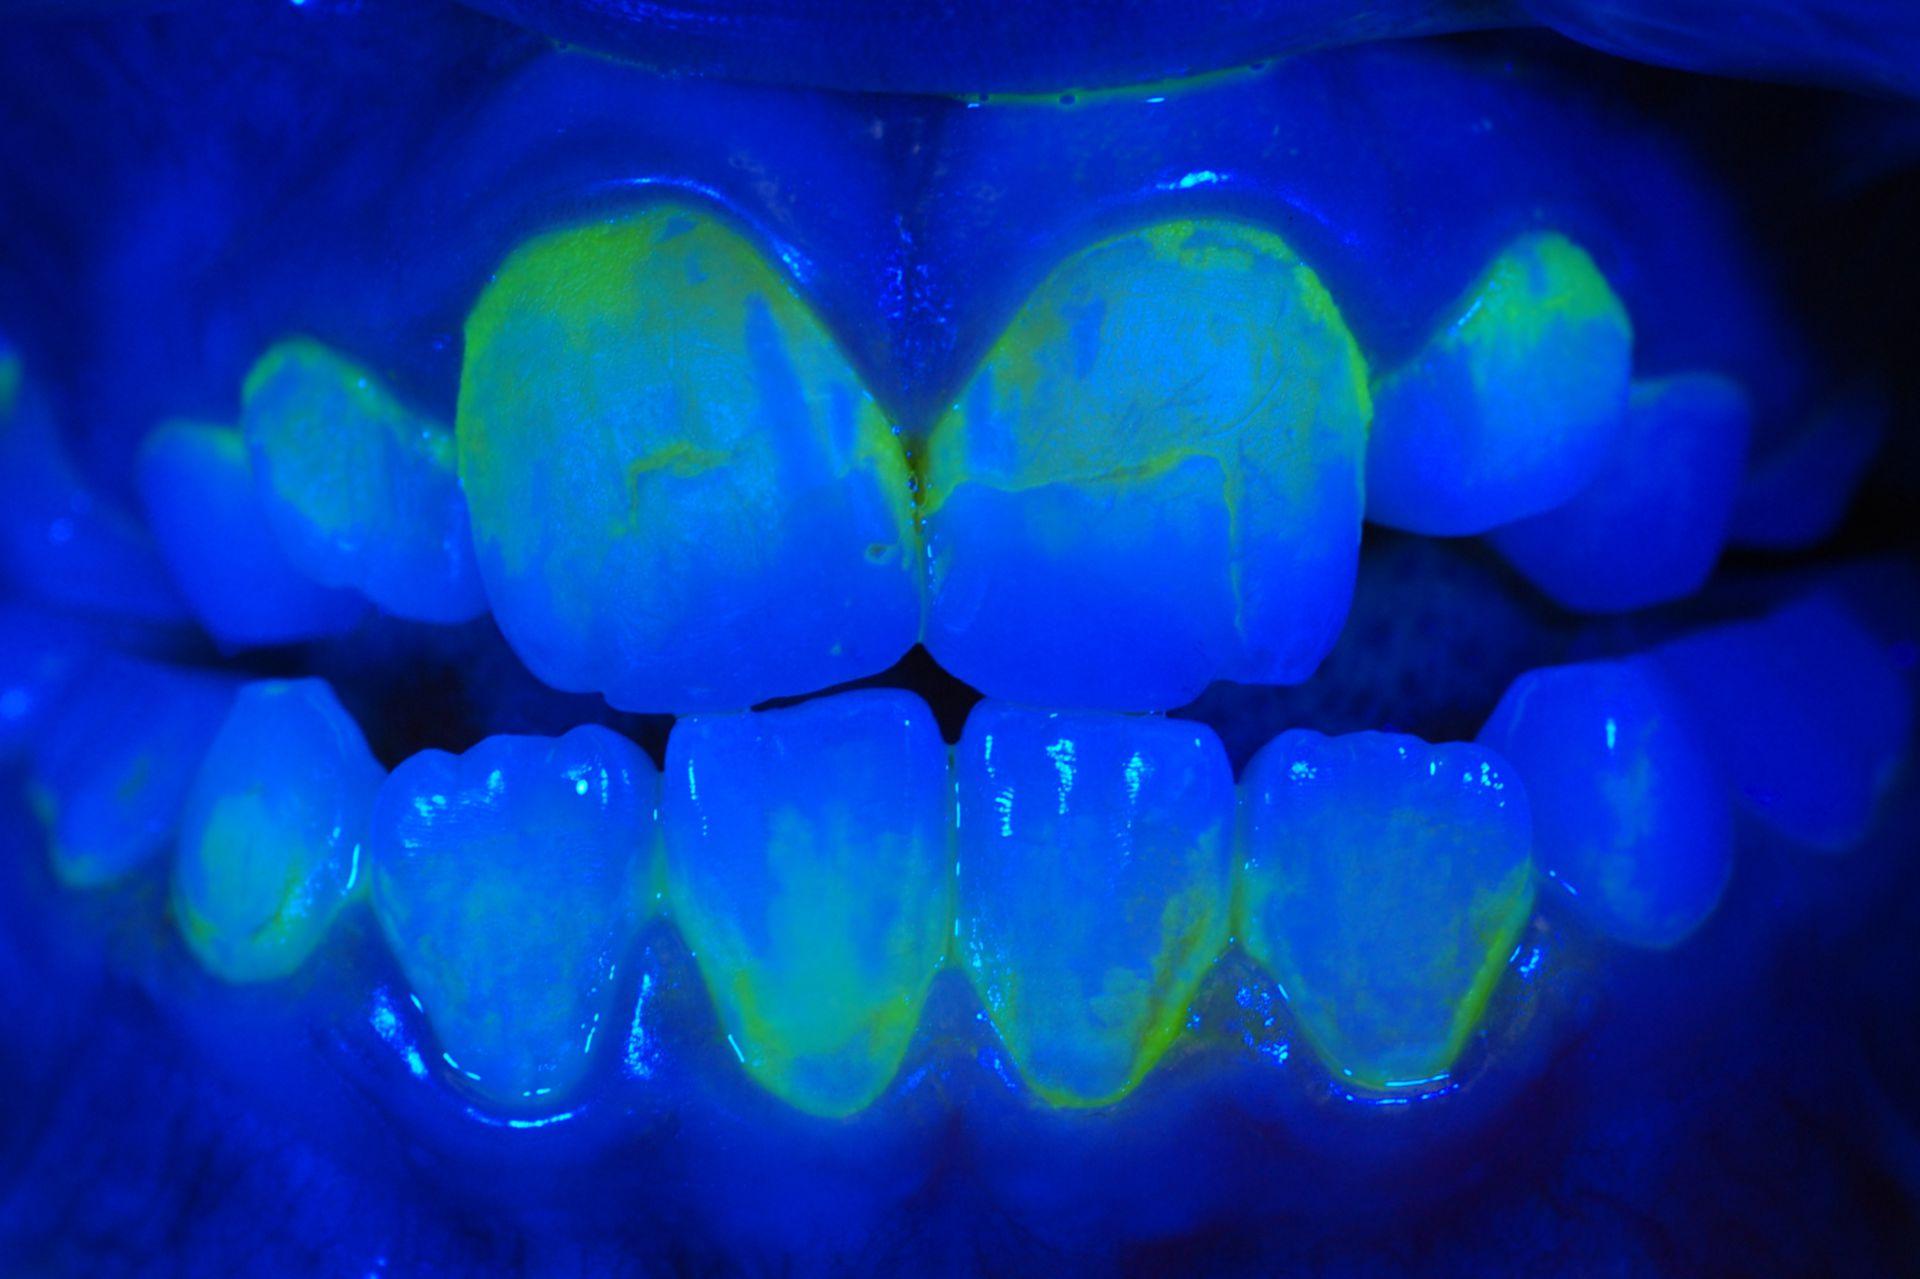 Plaque Disclosure UV Light 2500x1666